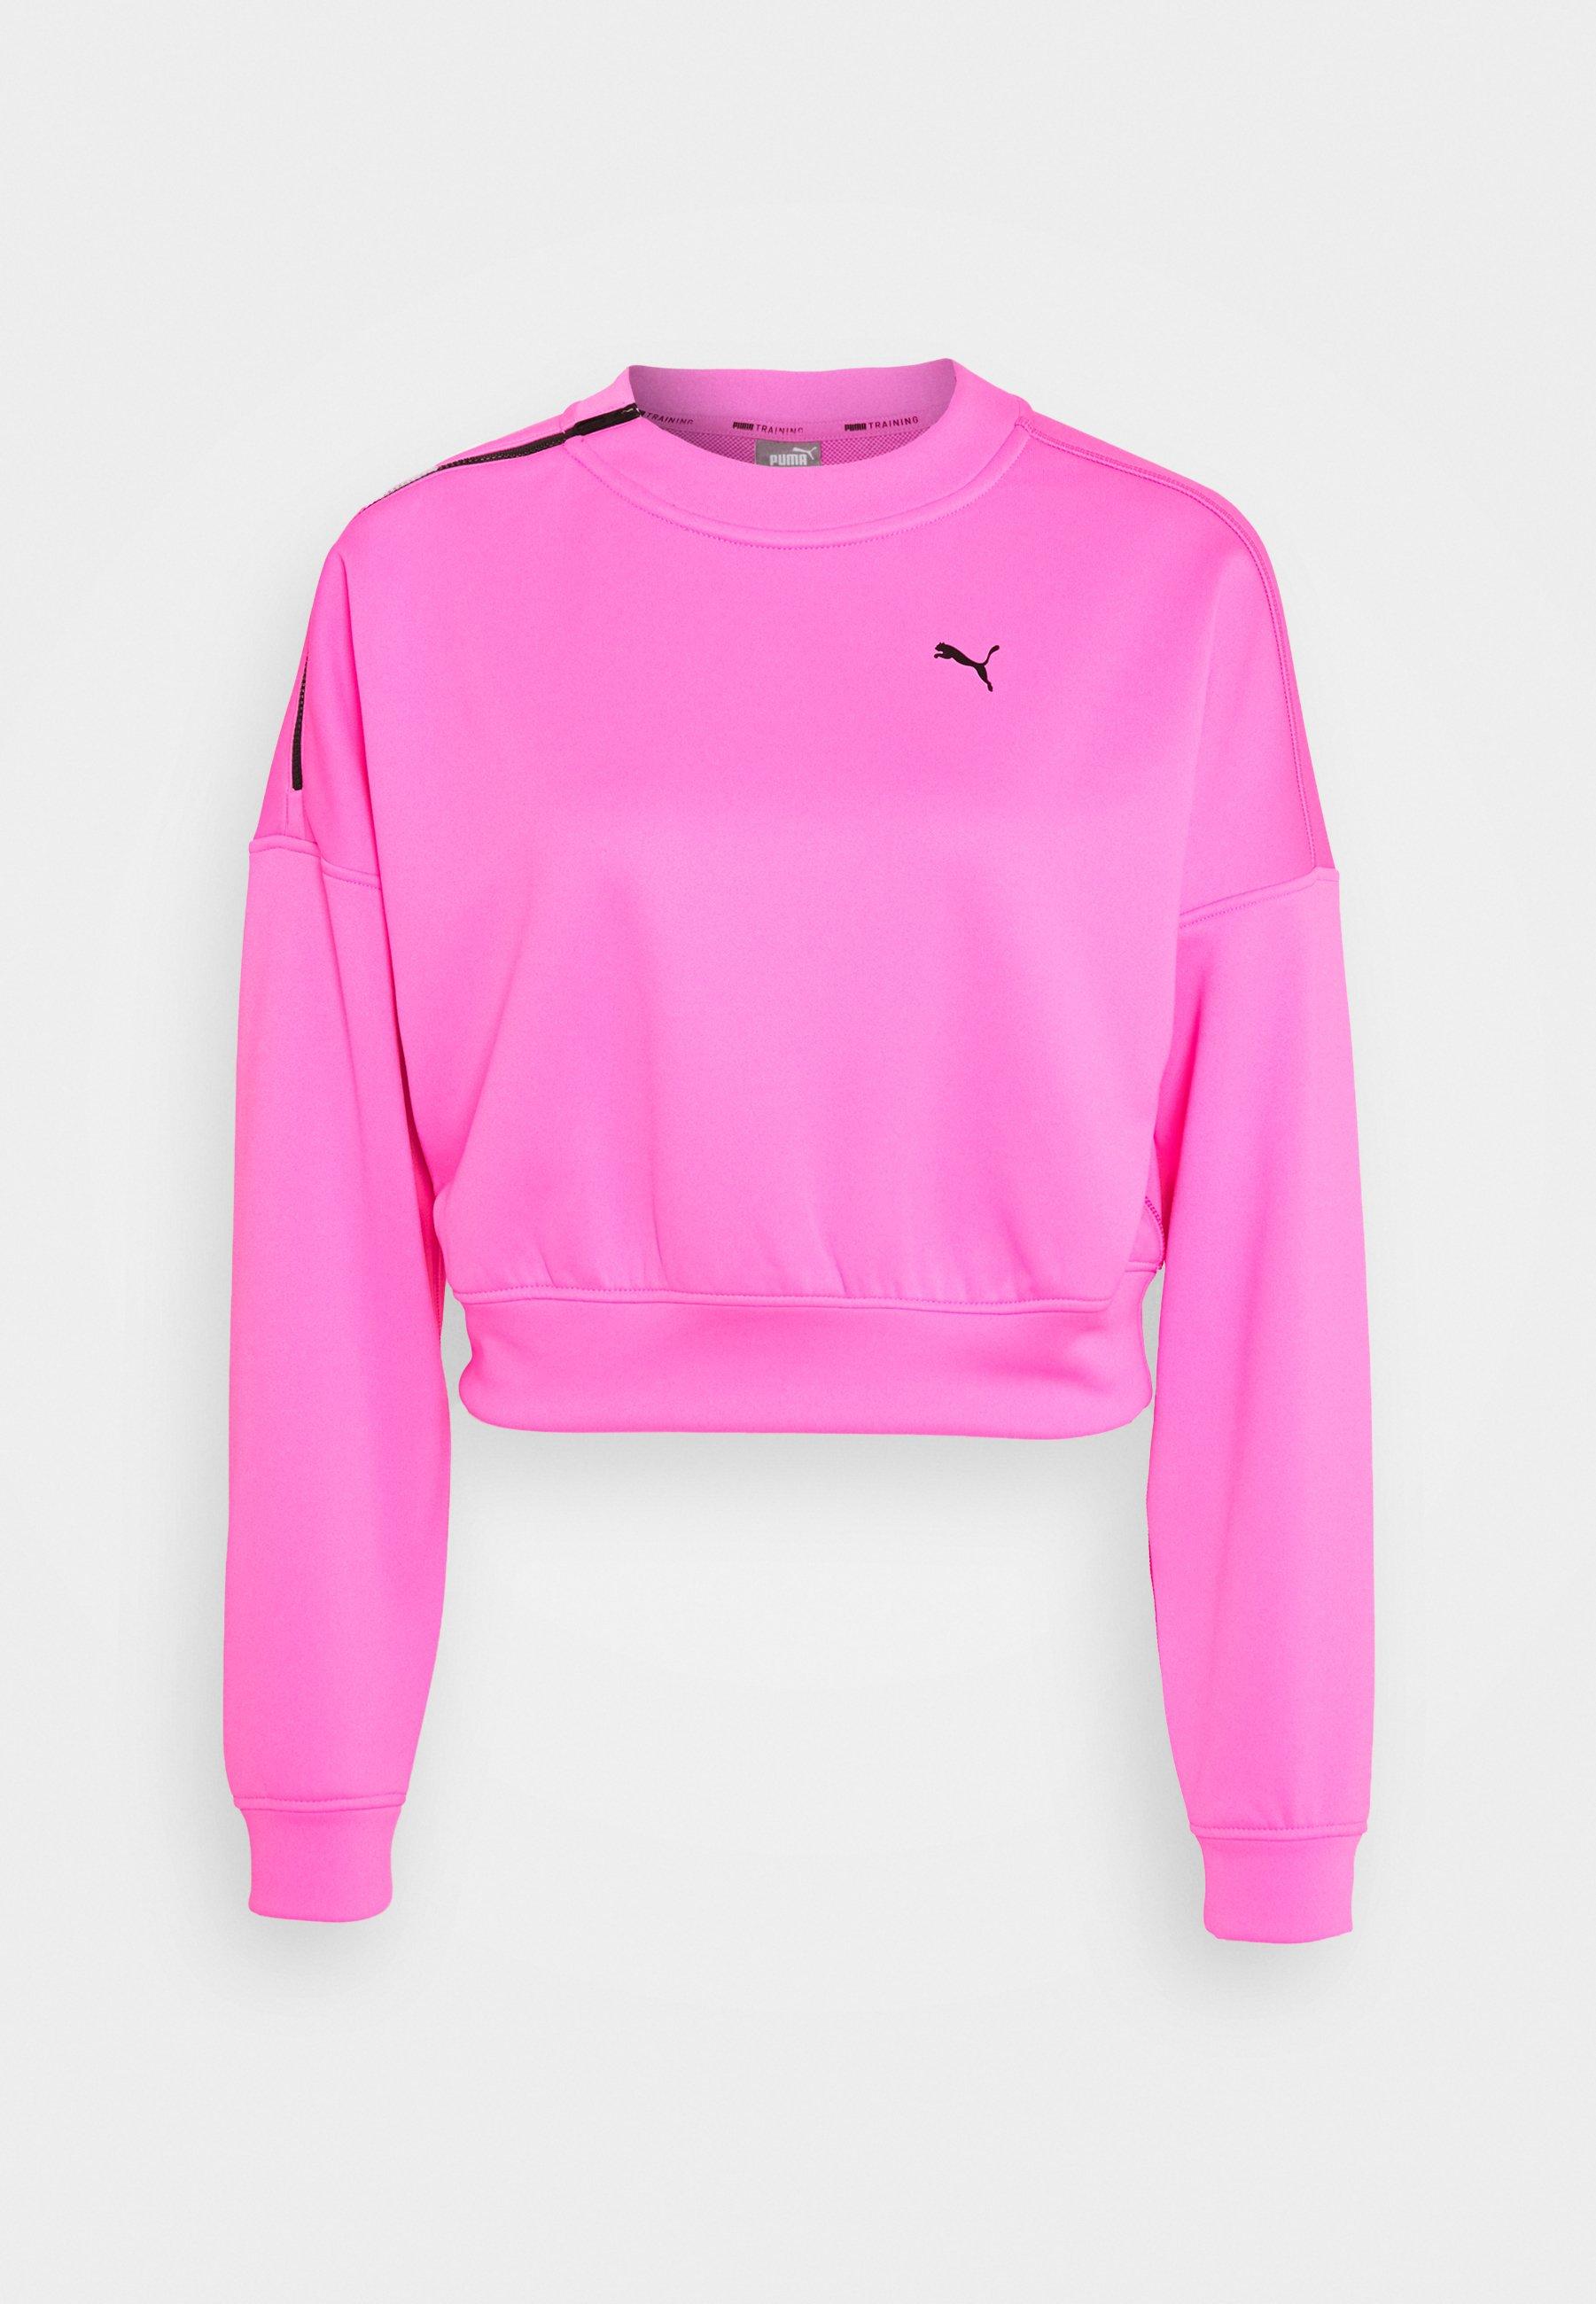 Puma TRAIN BRAVE ZIP CREW Sweatshirt luminous pink